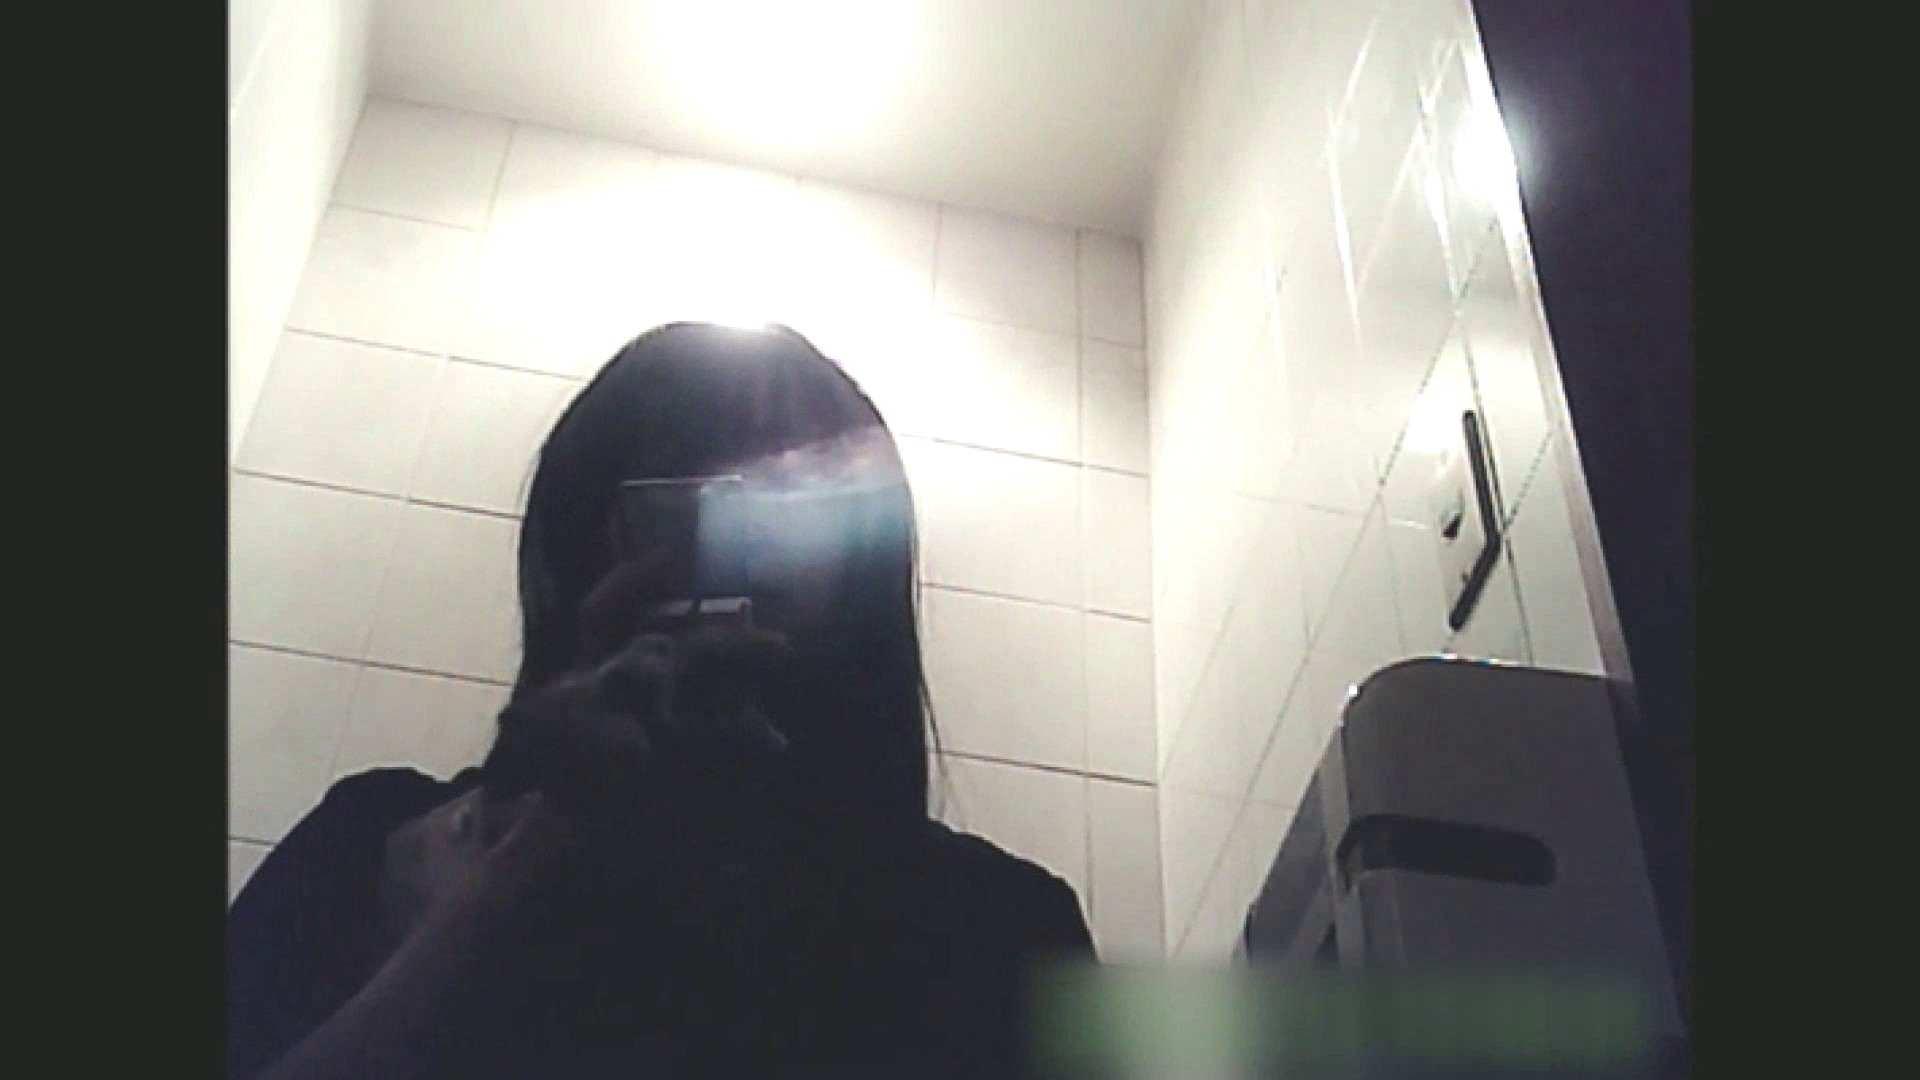 実録!!綺麗なお姉さんのトイレ事情・・・。vol.4 OLエロ画像 | お姉さん  39PICs 1